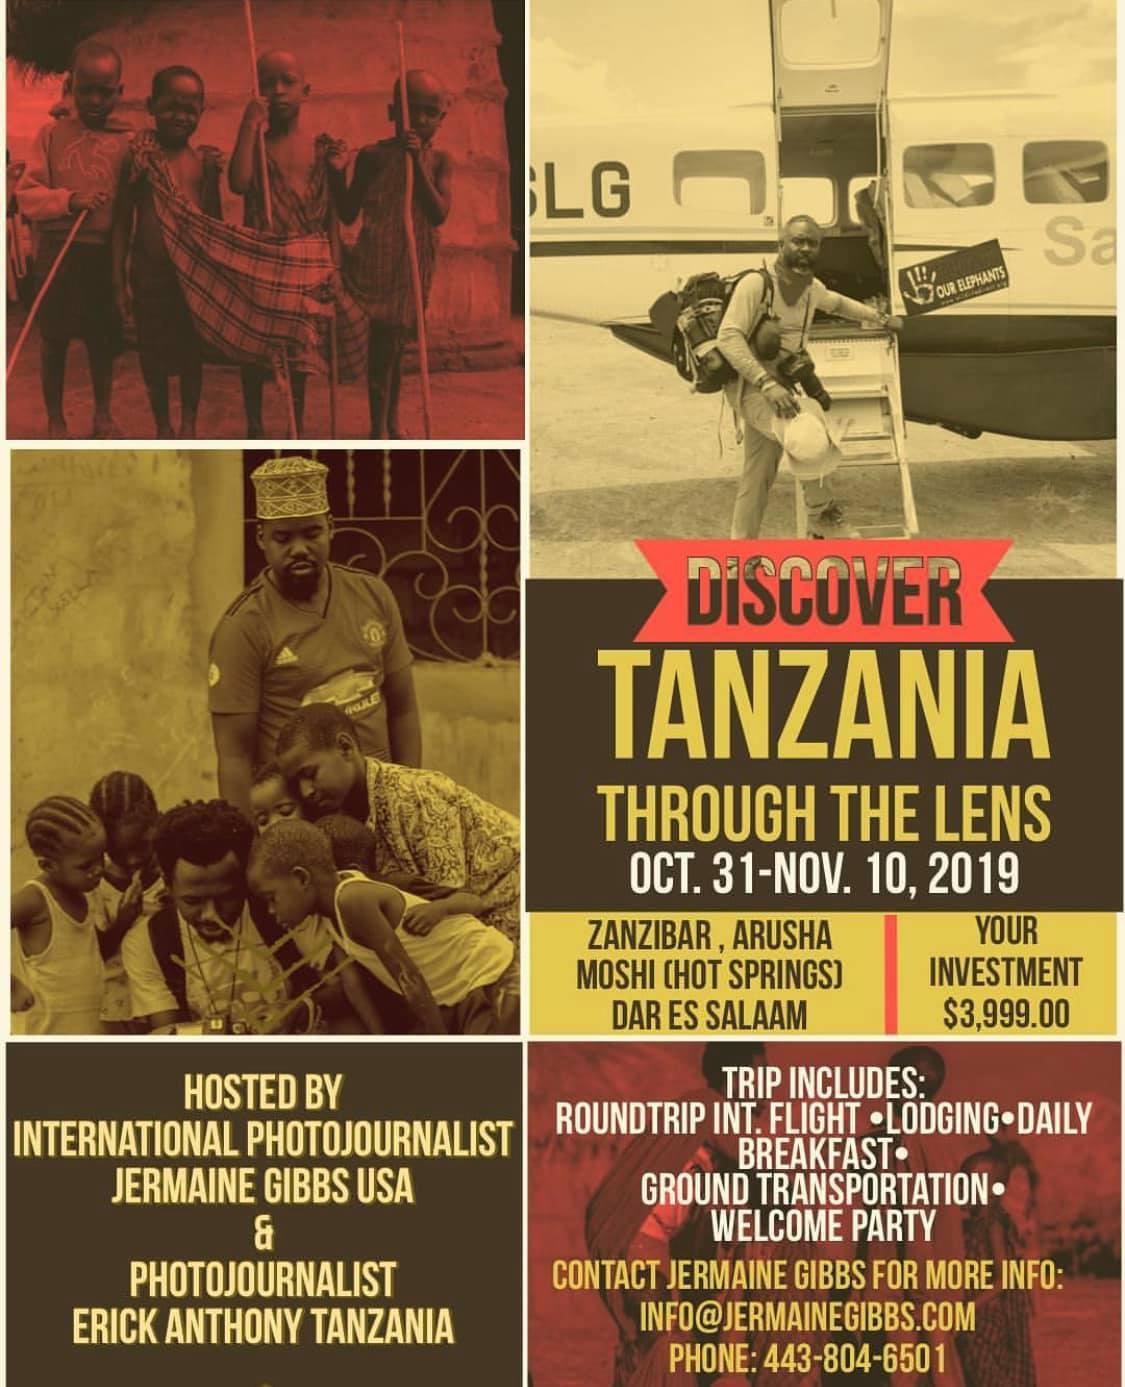 Discover TANZANIA Through the Lens Contract 2019 0315